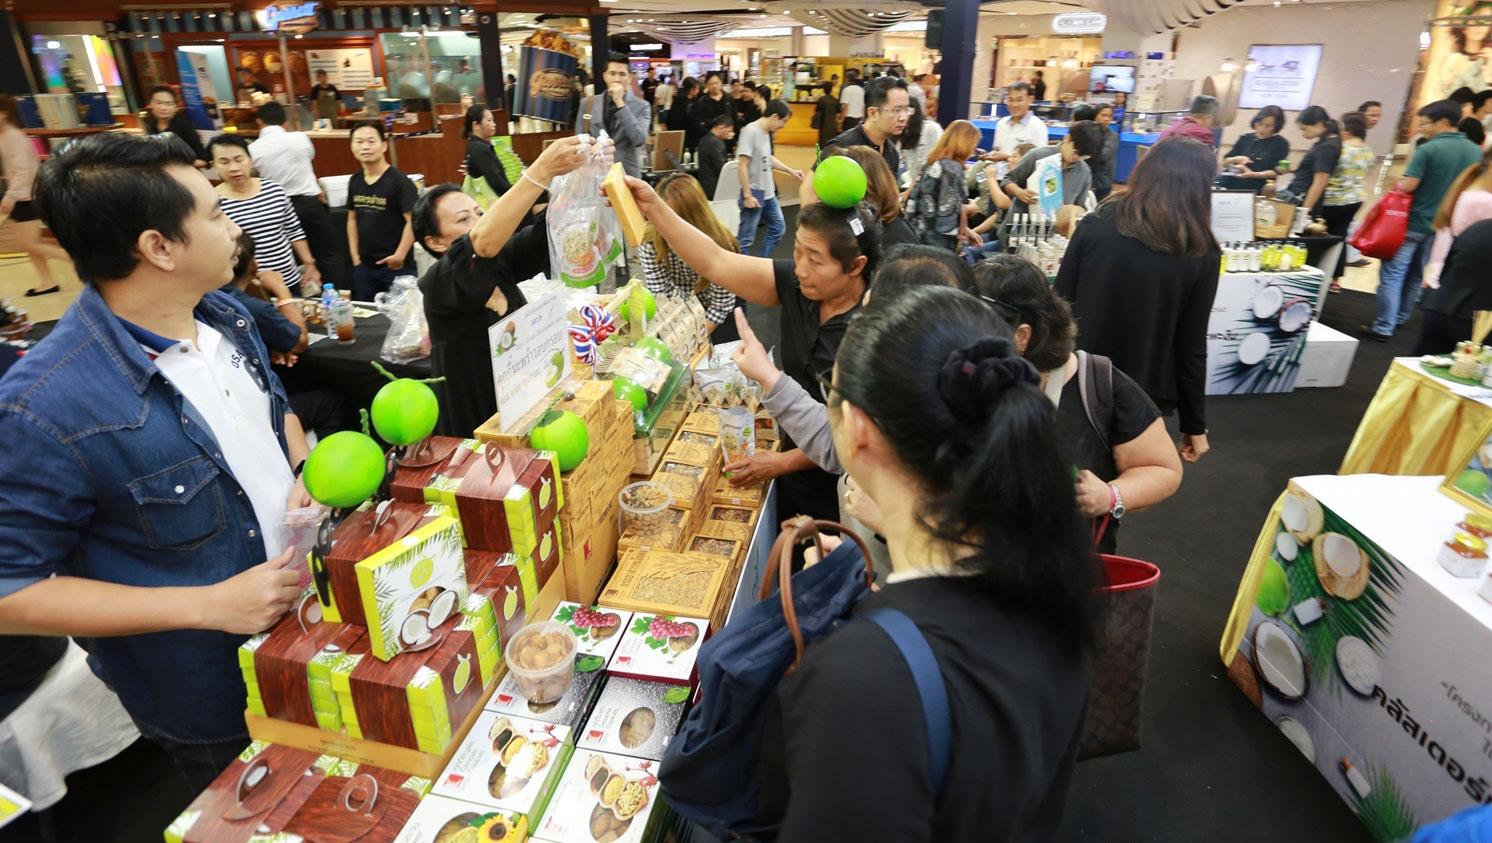 สสว. จับมือสถาบันอาหารเปิดตัว 17 SME เครือข่ายมะพร้าว-กล้วย